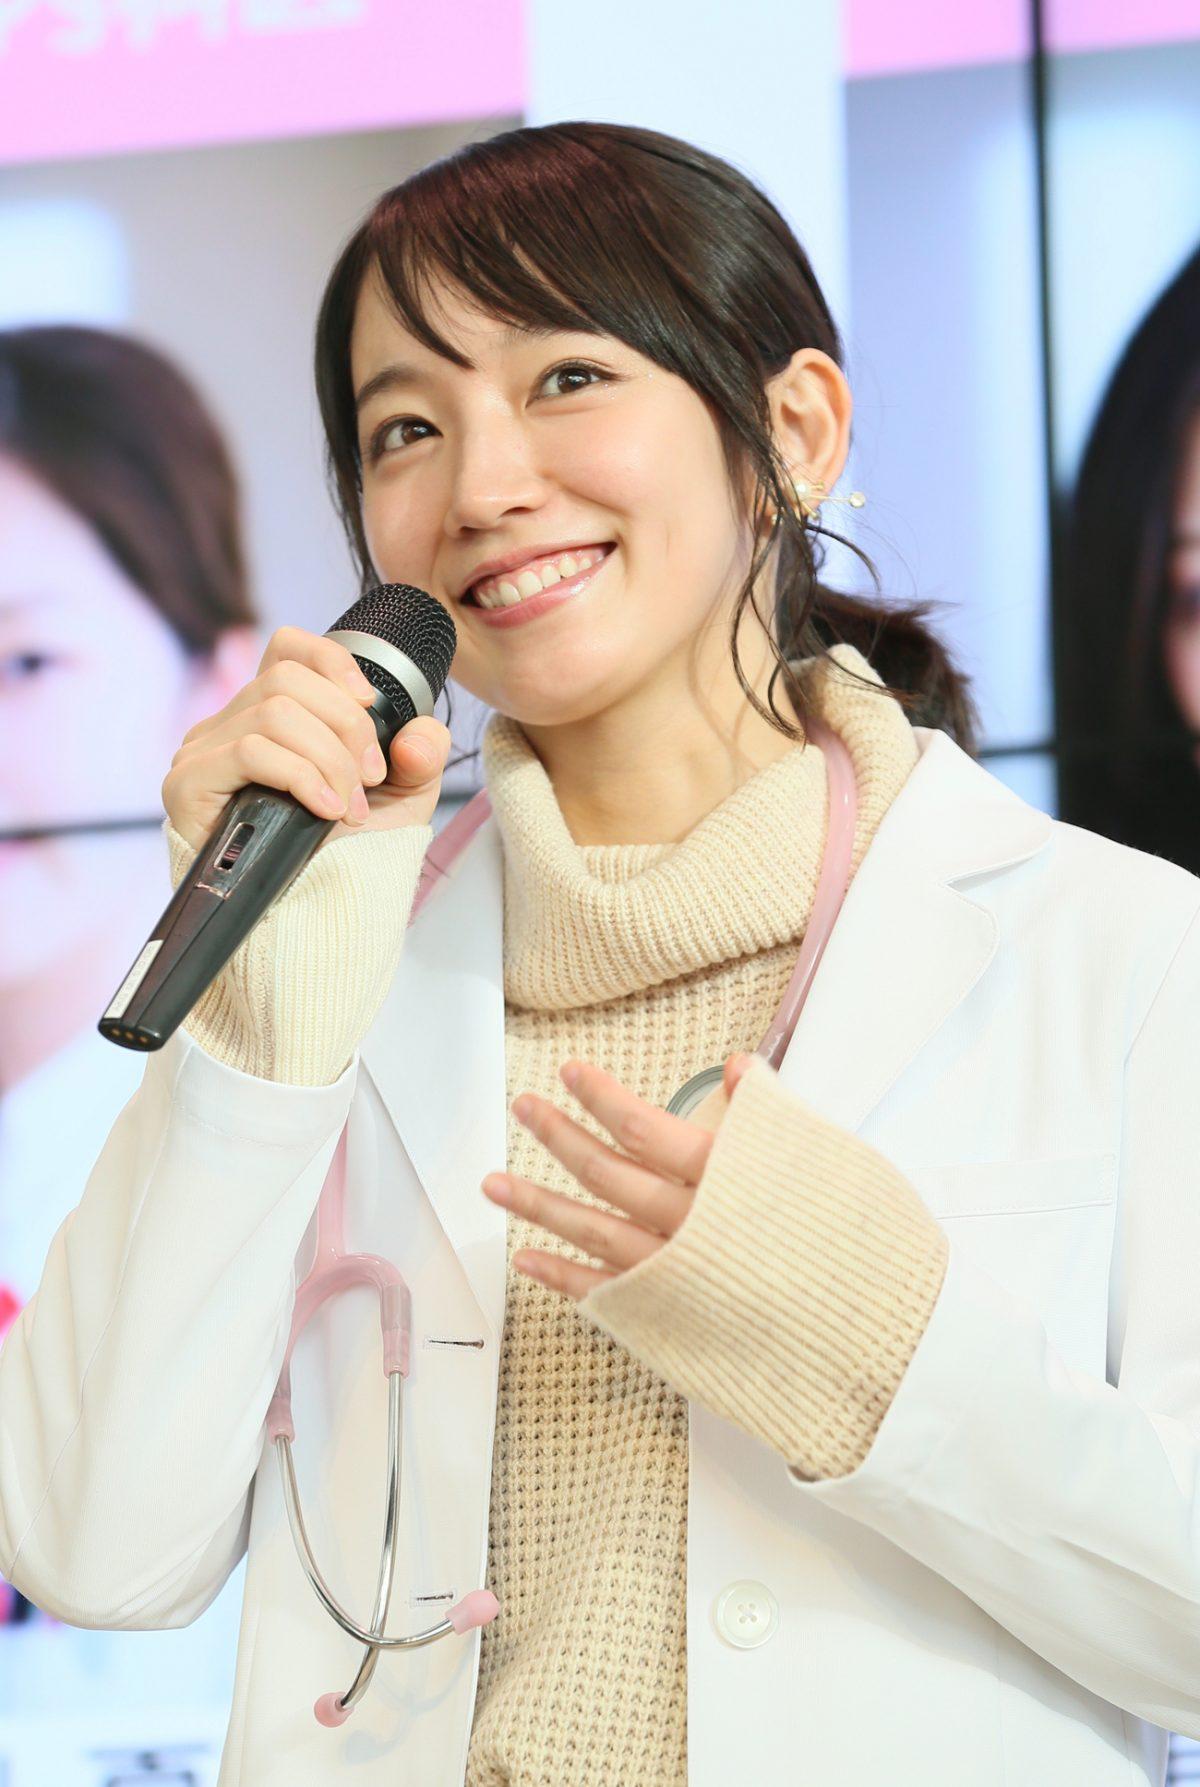 """吉岡里帆が愛読する""""健康的じゃない本""""とは?"""